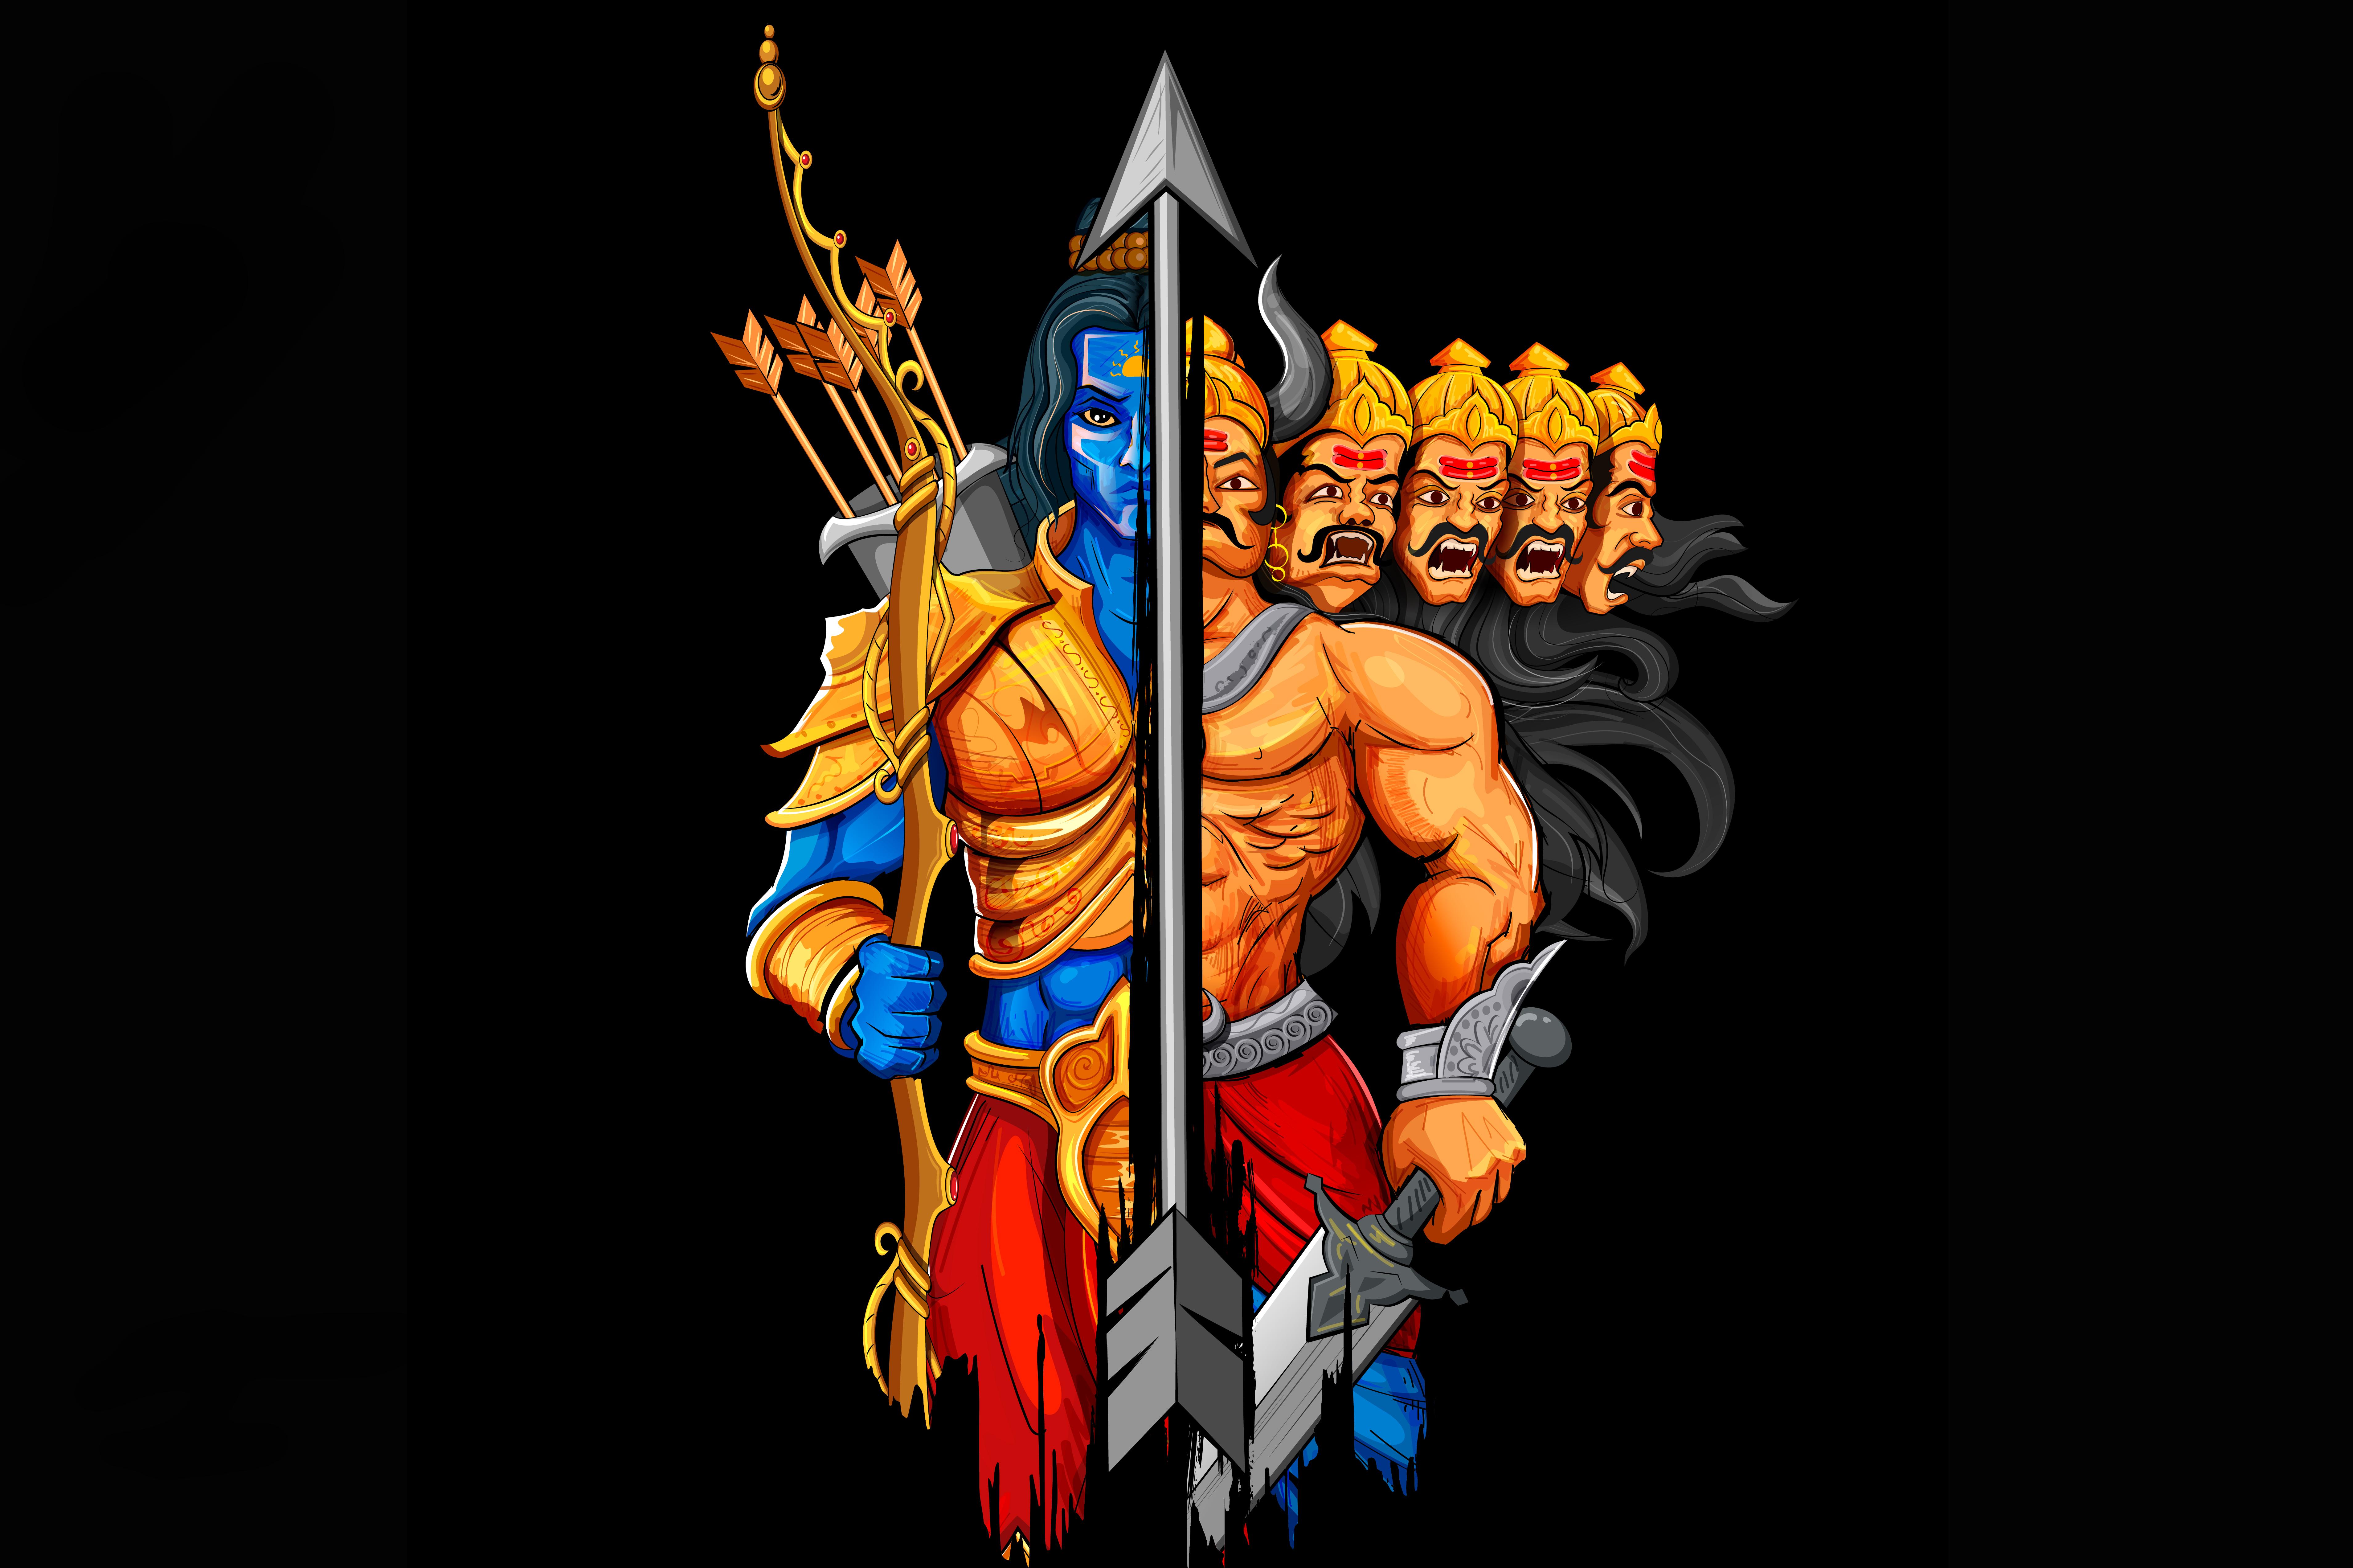 hindoestaanse-mythologie